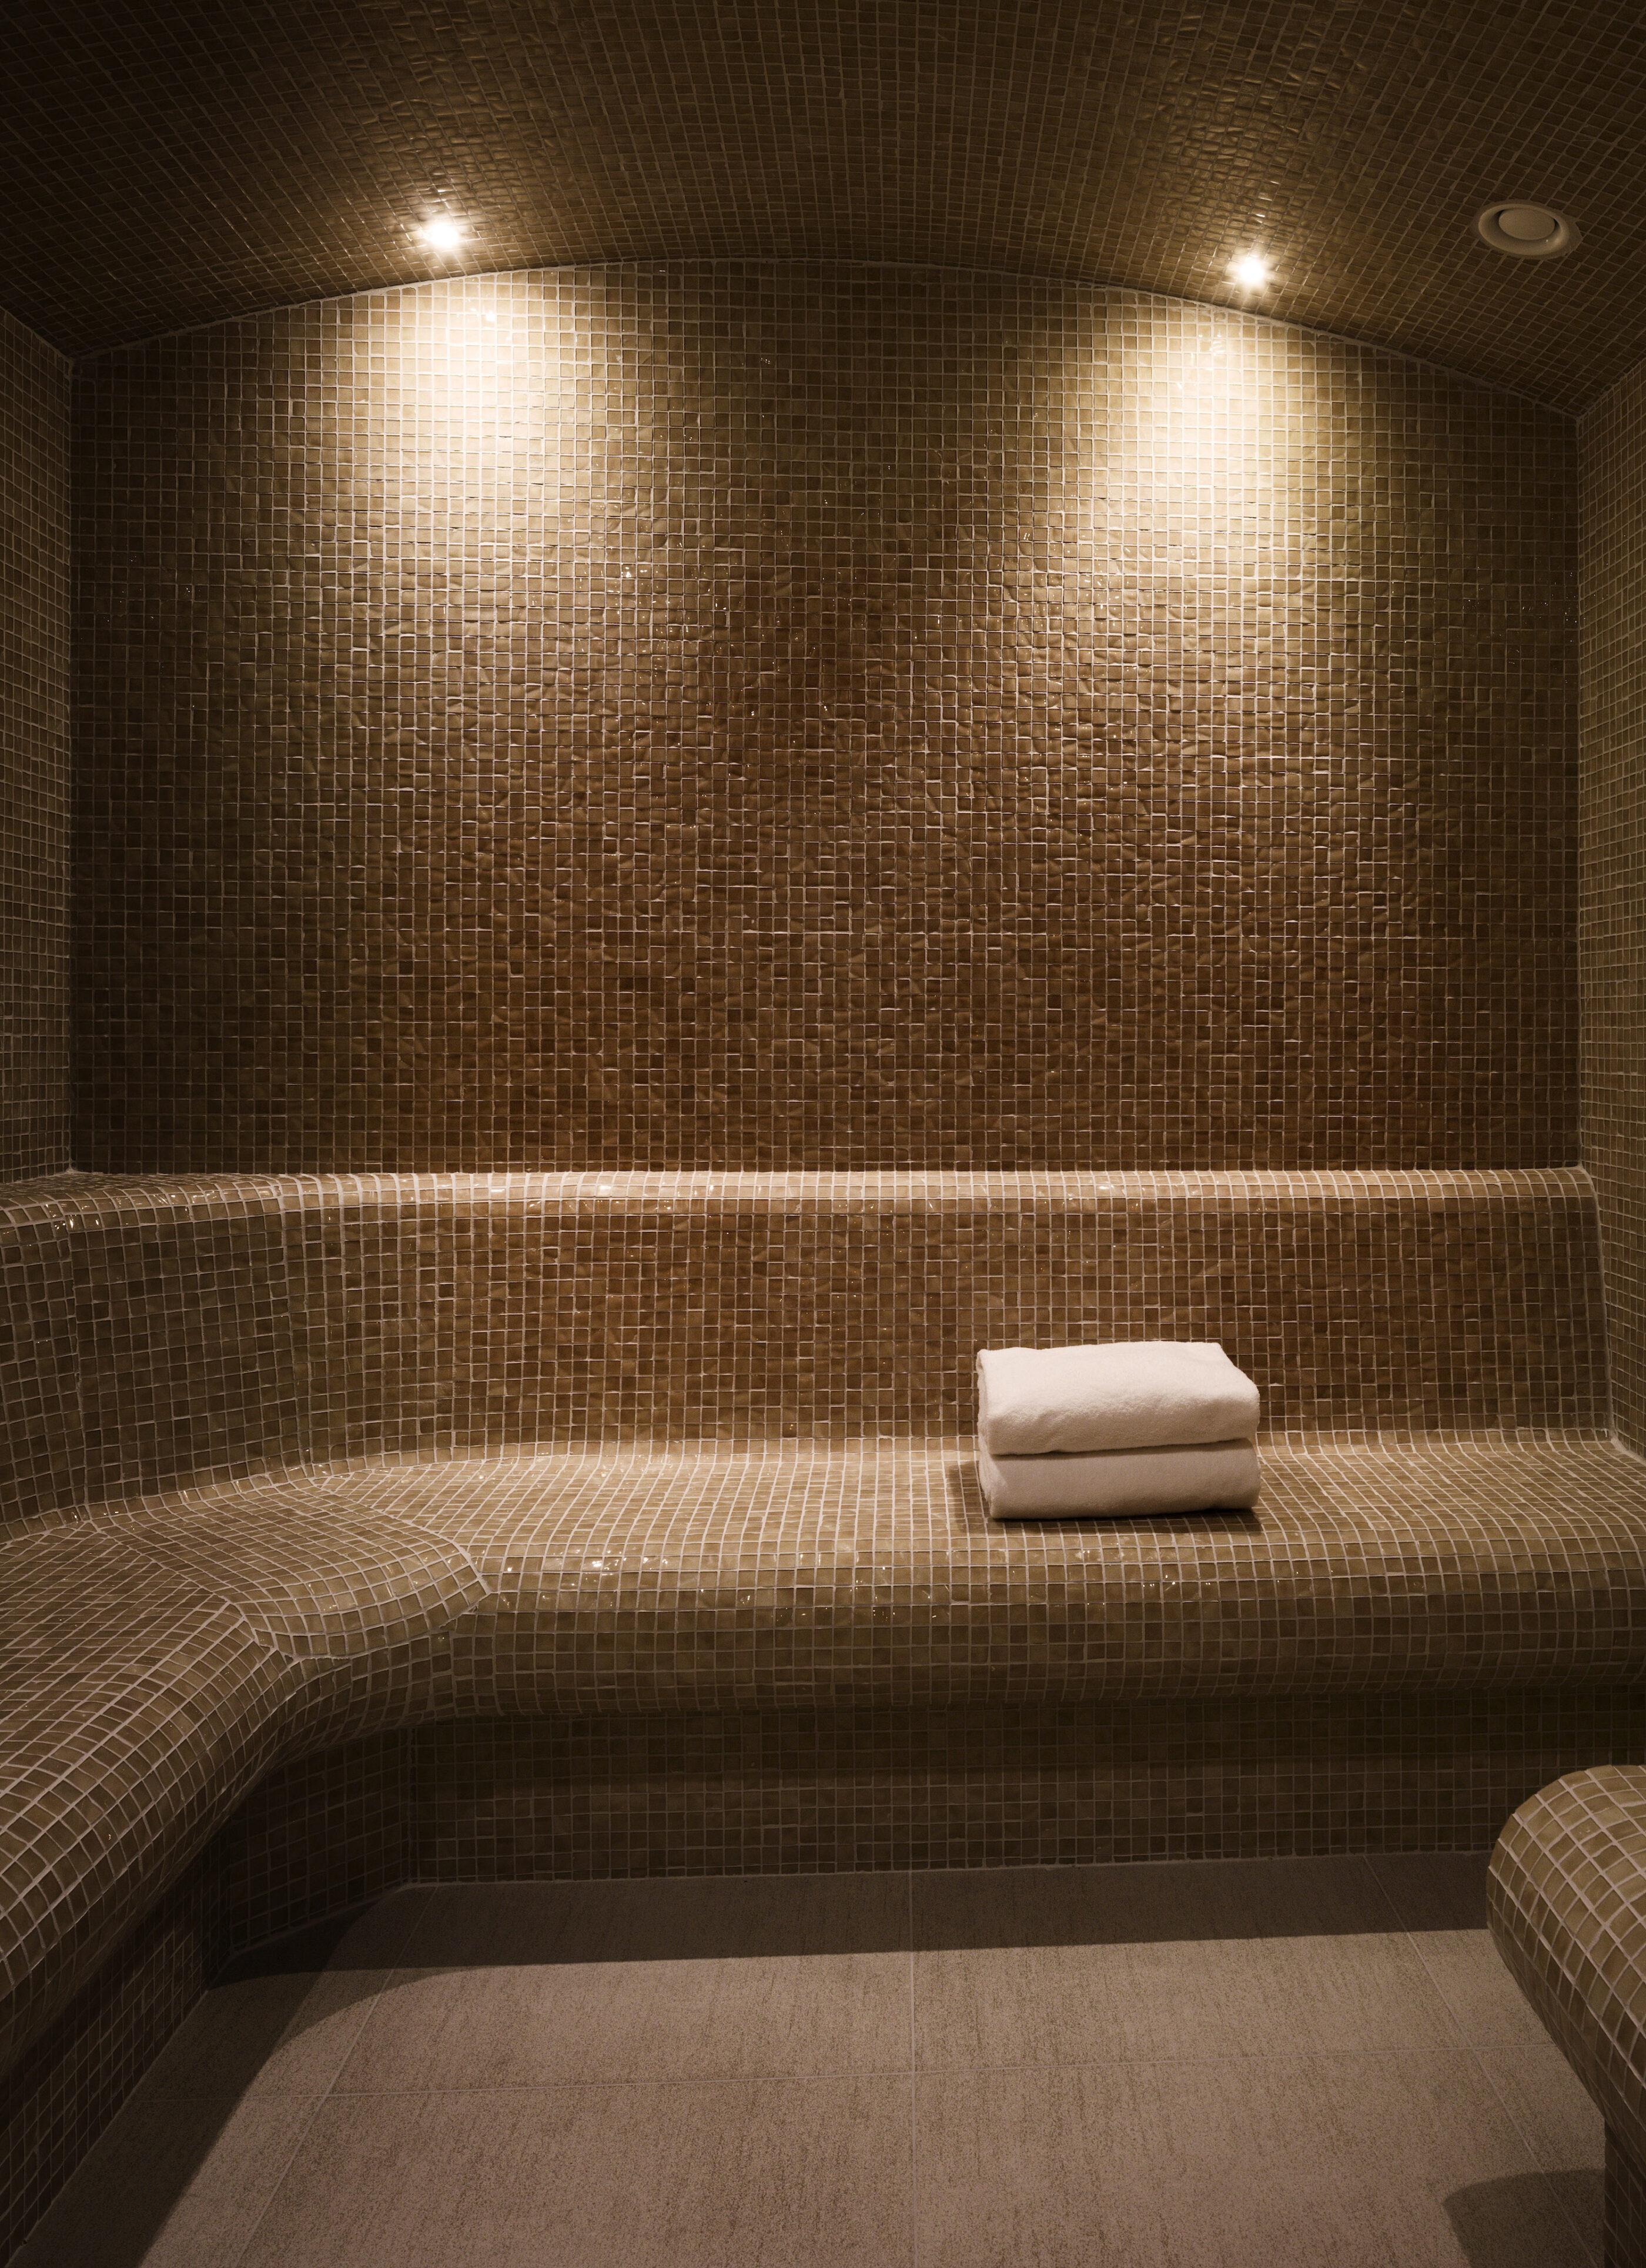 Spa rum med intim belysning og nogle håndklæder